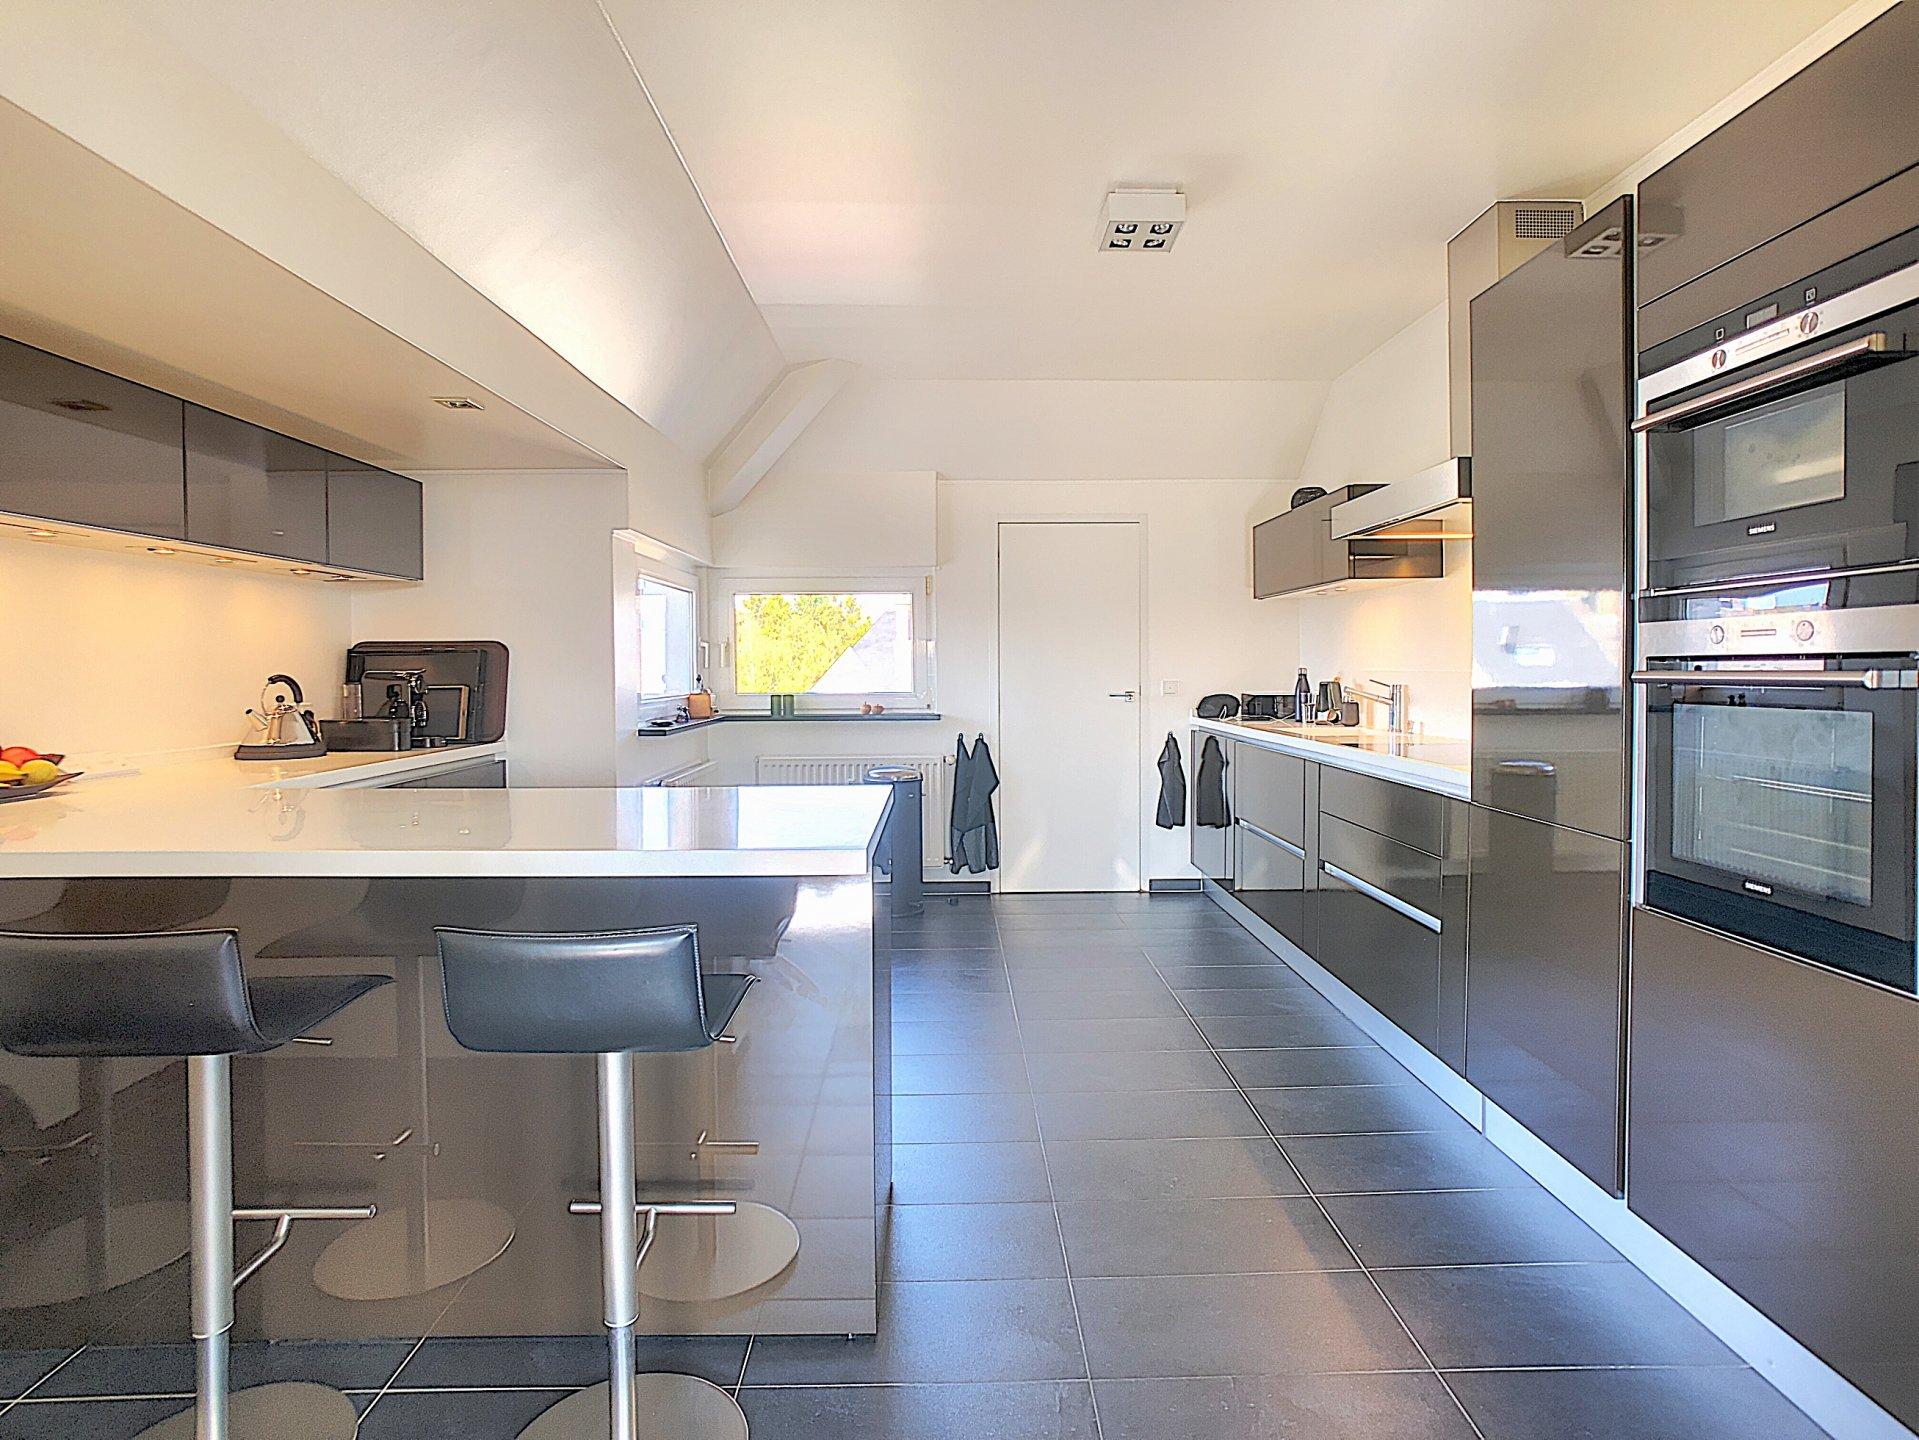 4 bedroom apartment in Luxembourg Belair